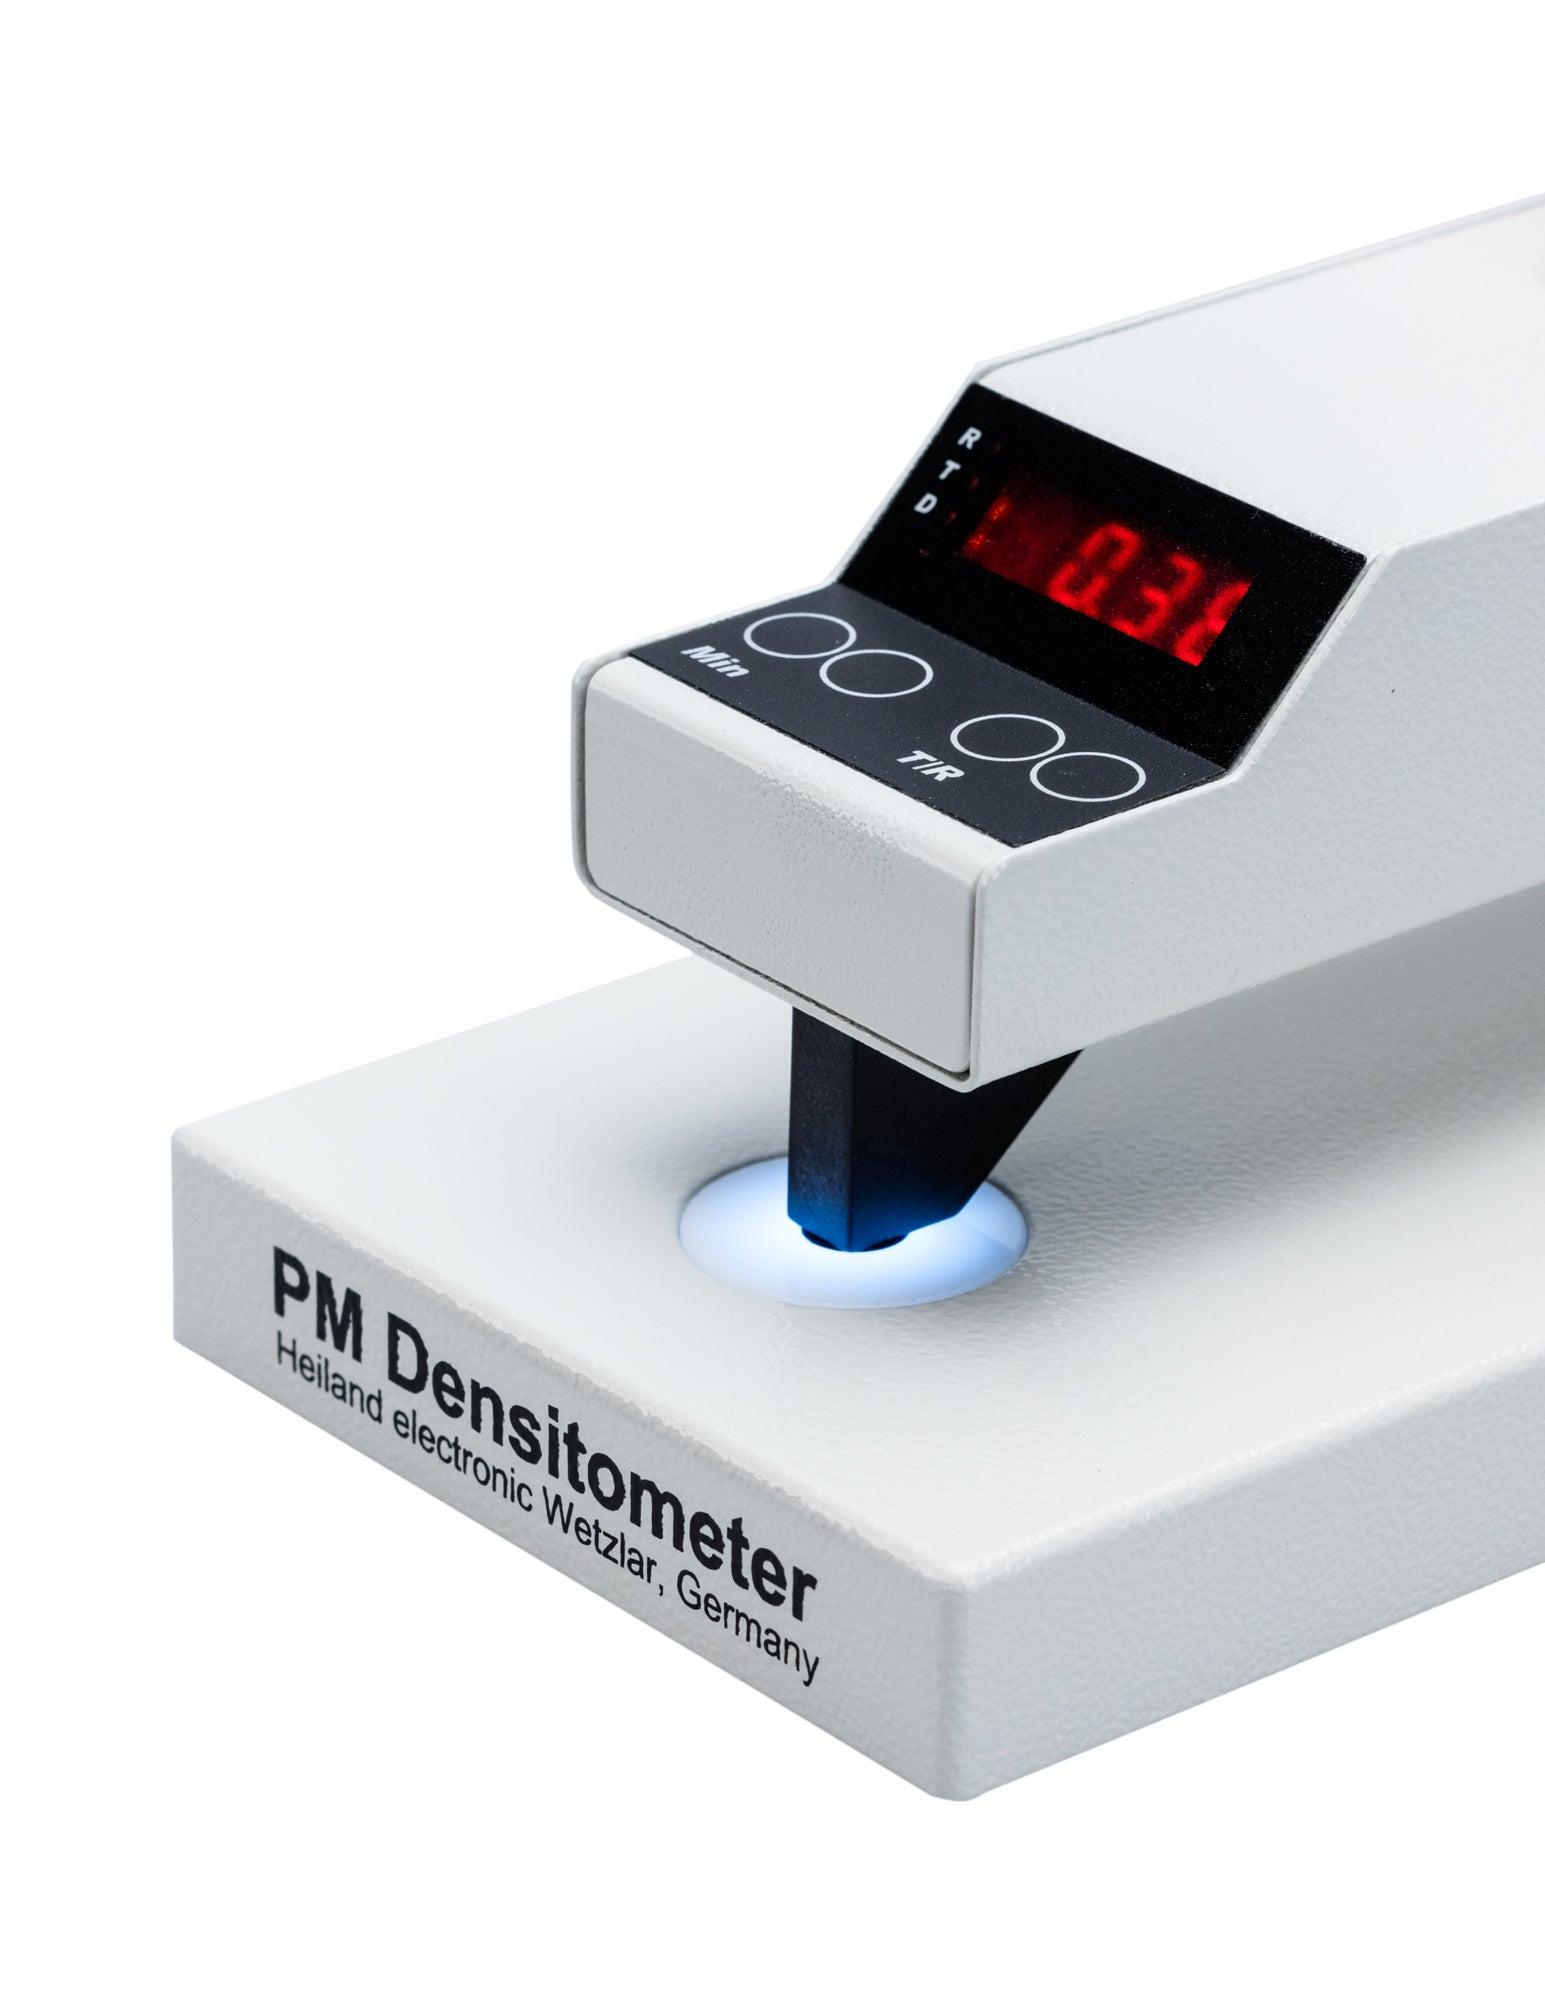 Heiland Densitometer TRD